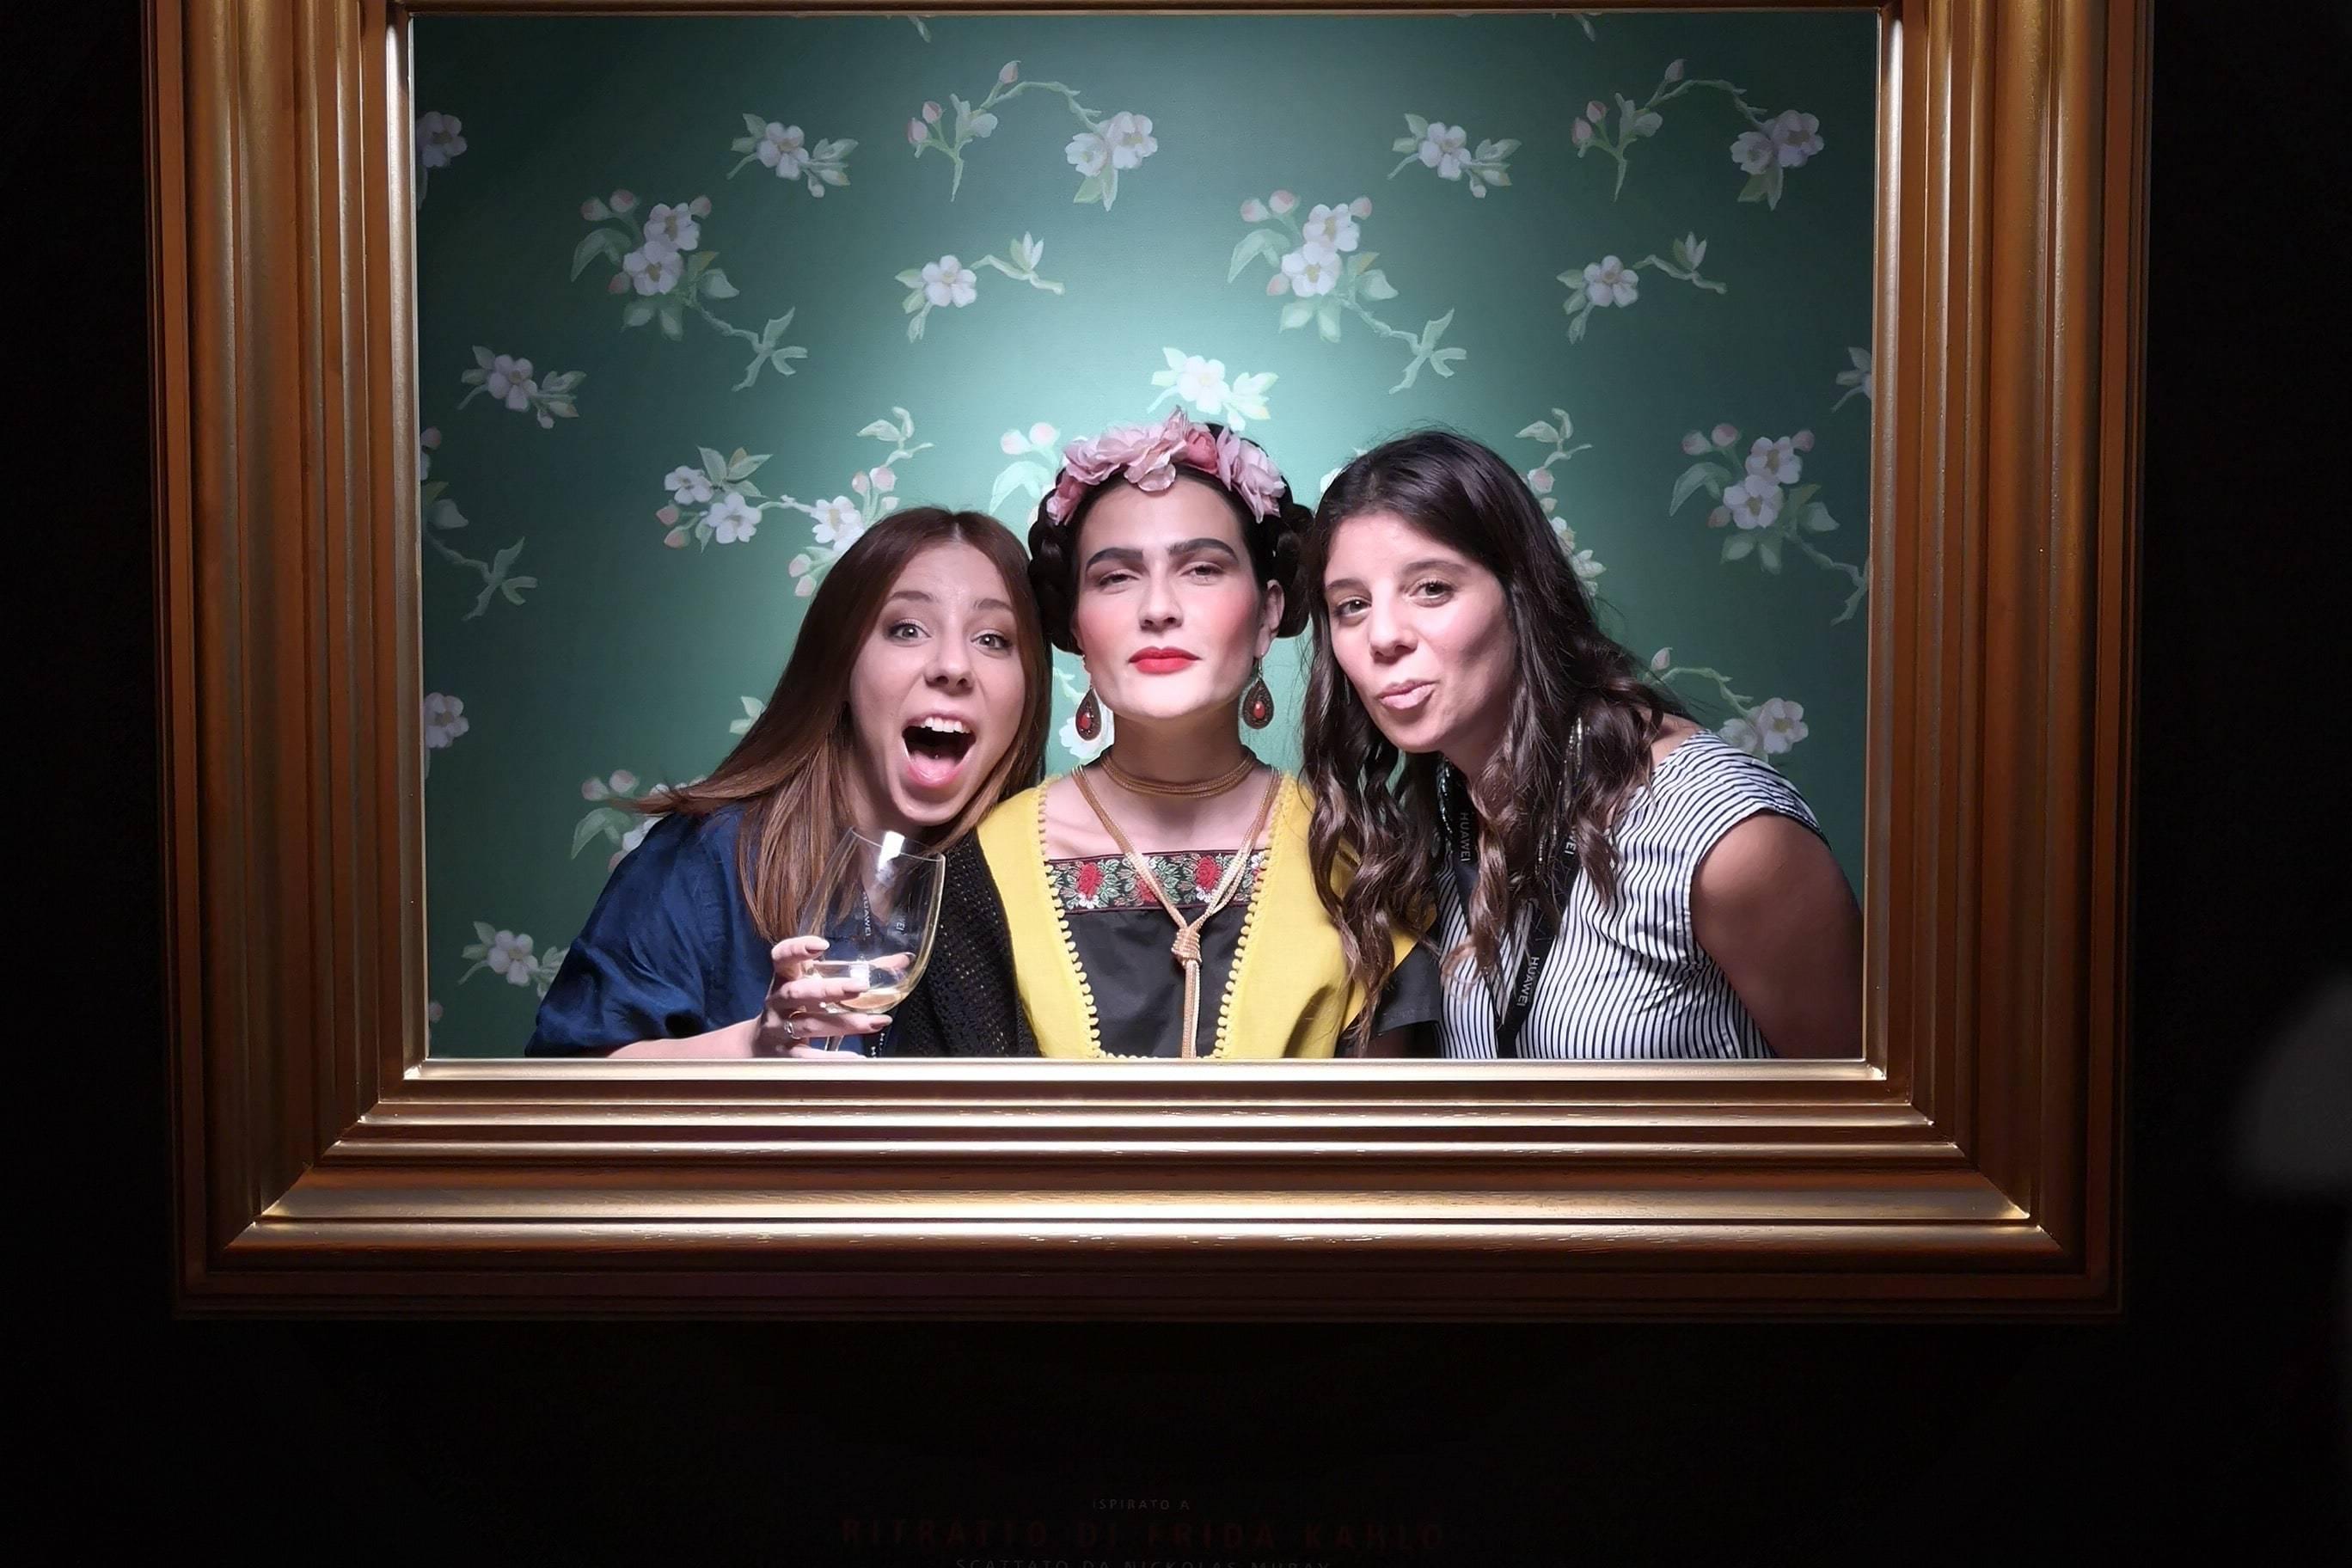 Huawei p20 Pro Party Frida Khalo